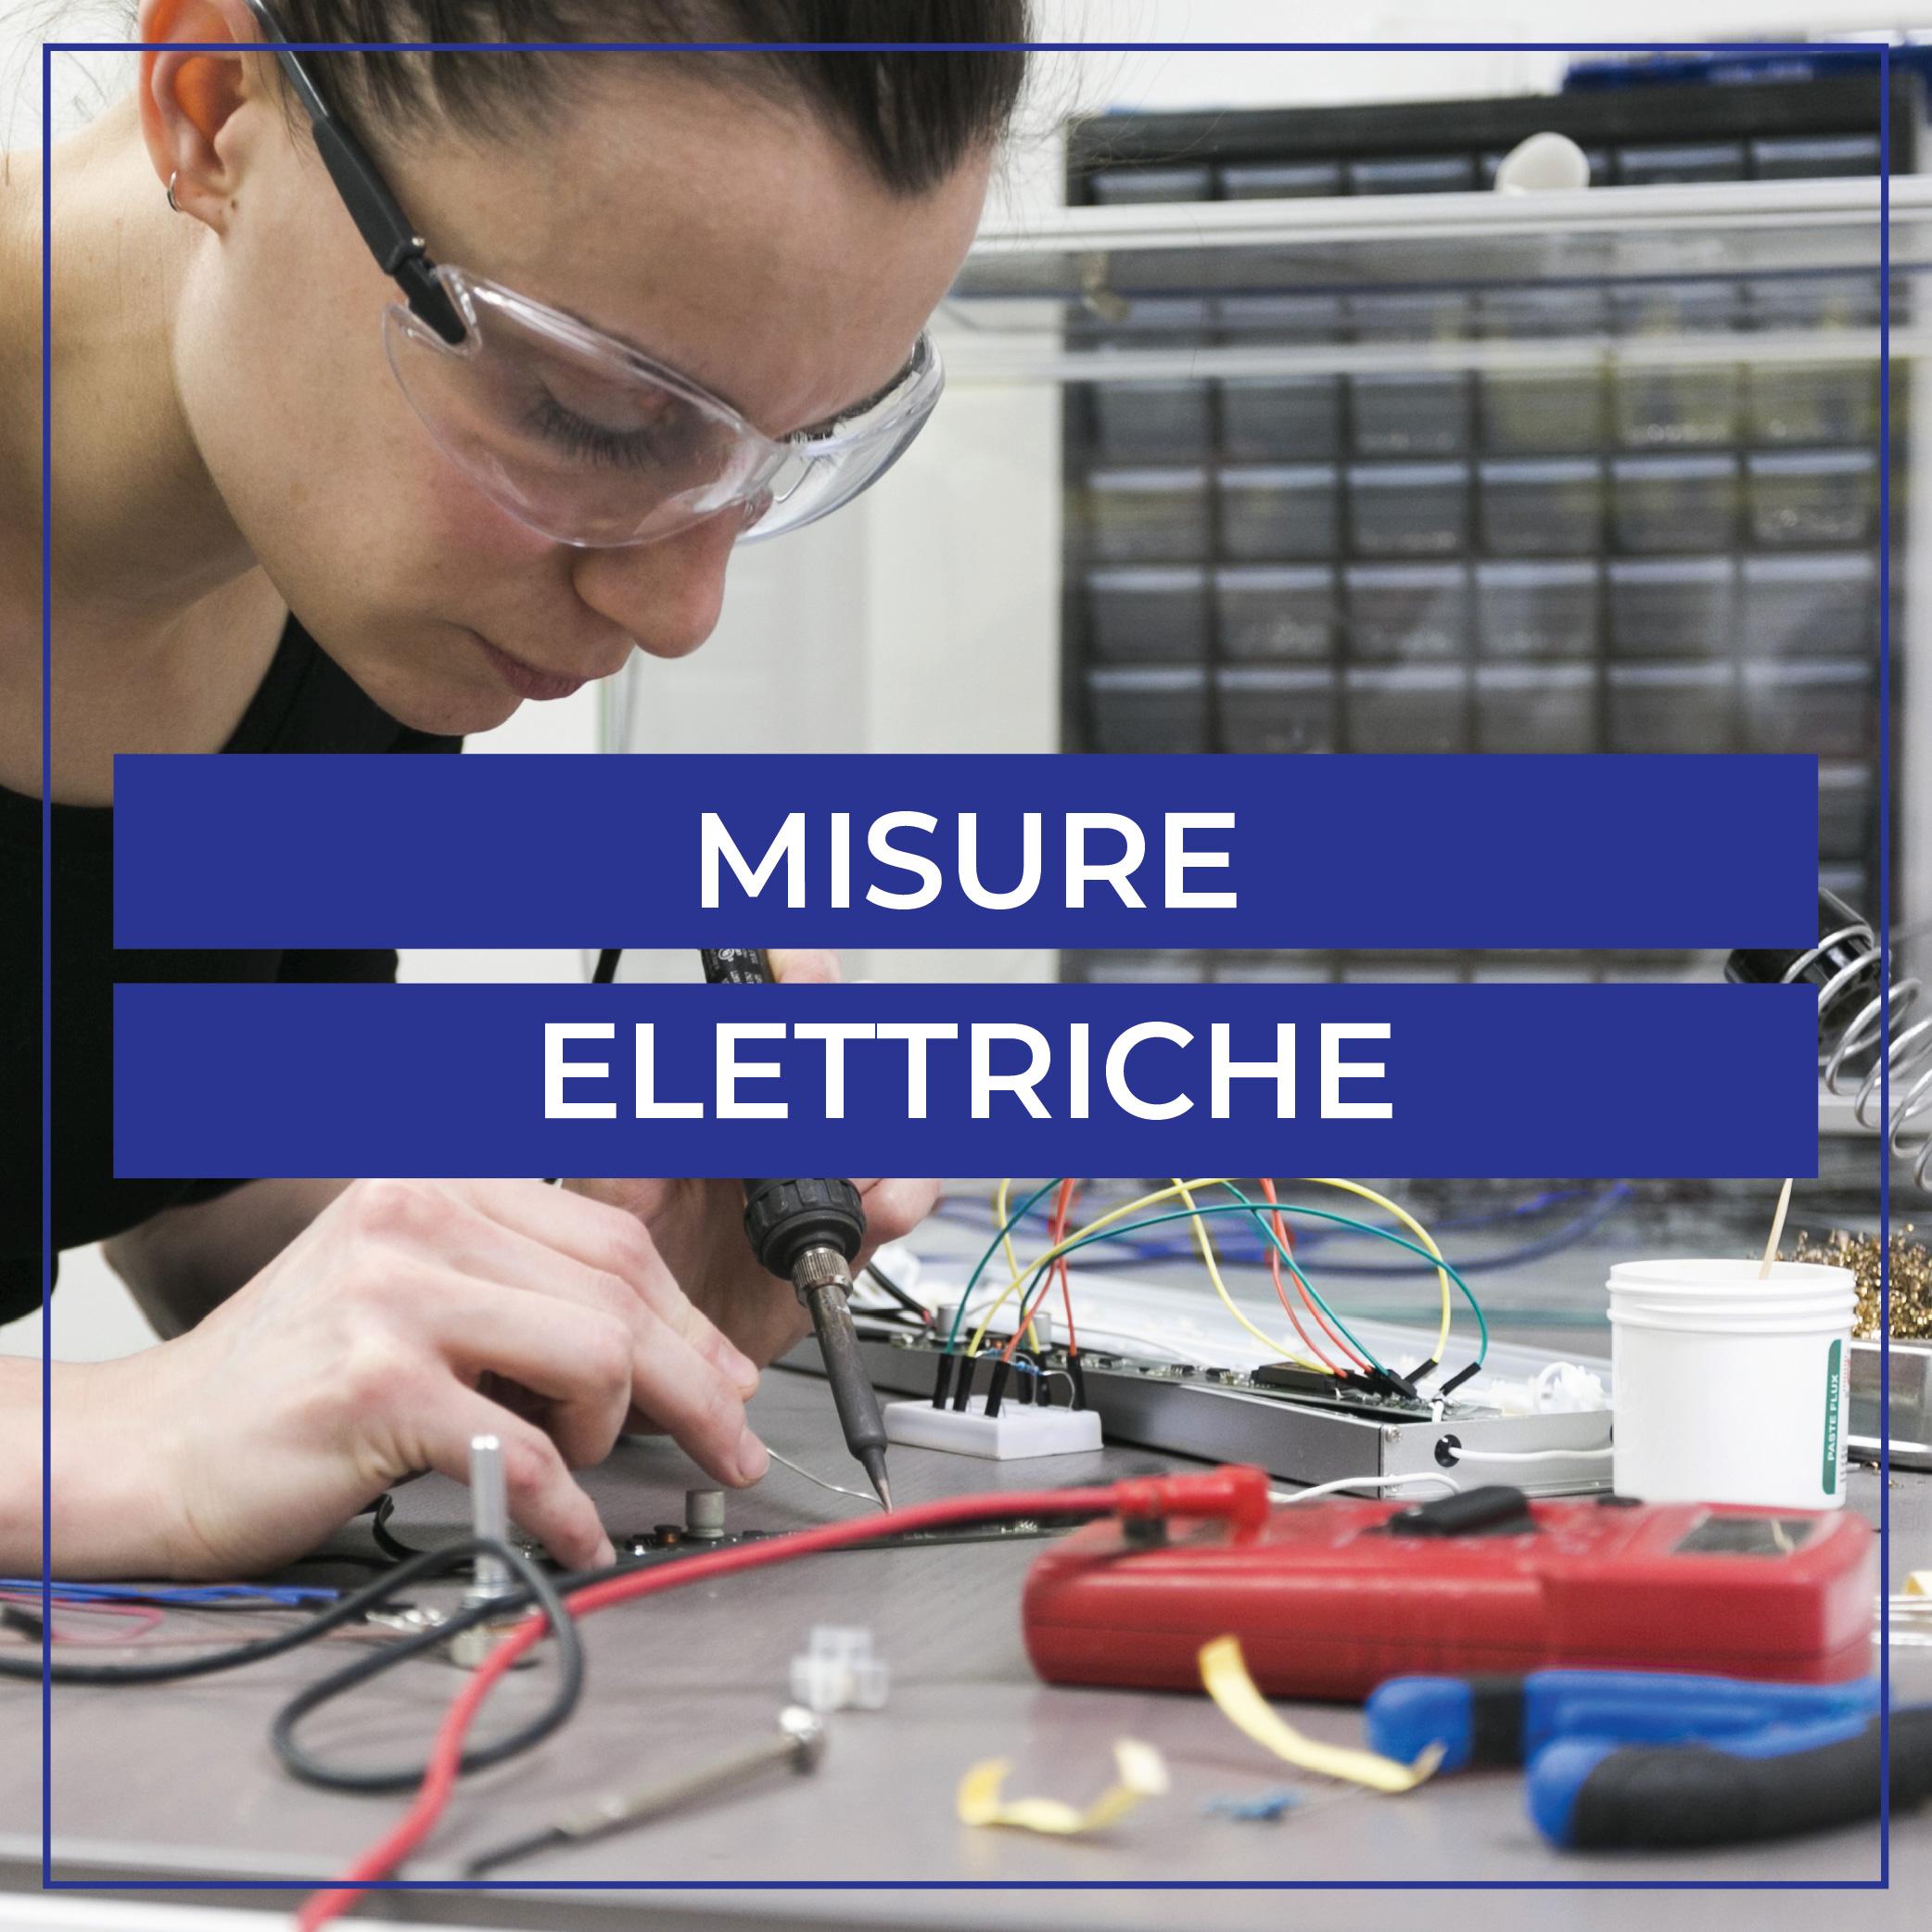 Servizi sirp impianti elettrici misure elettriche